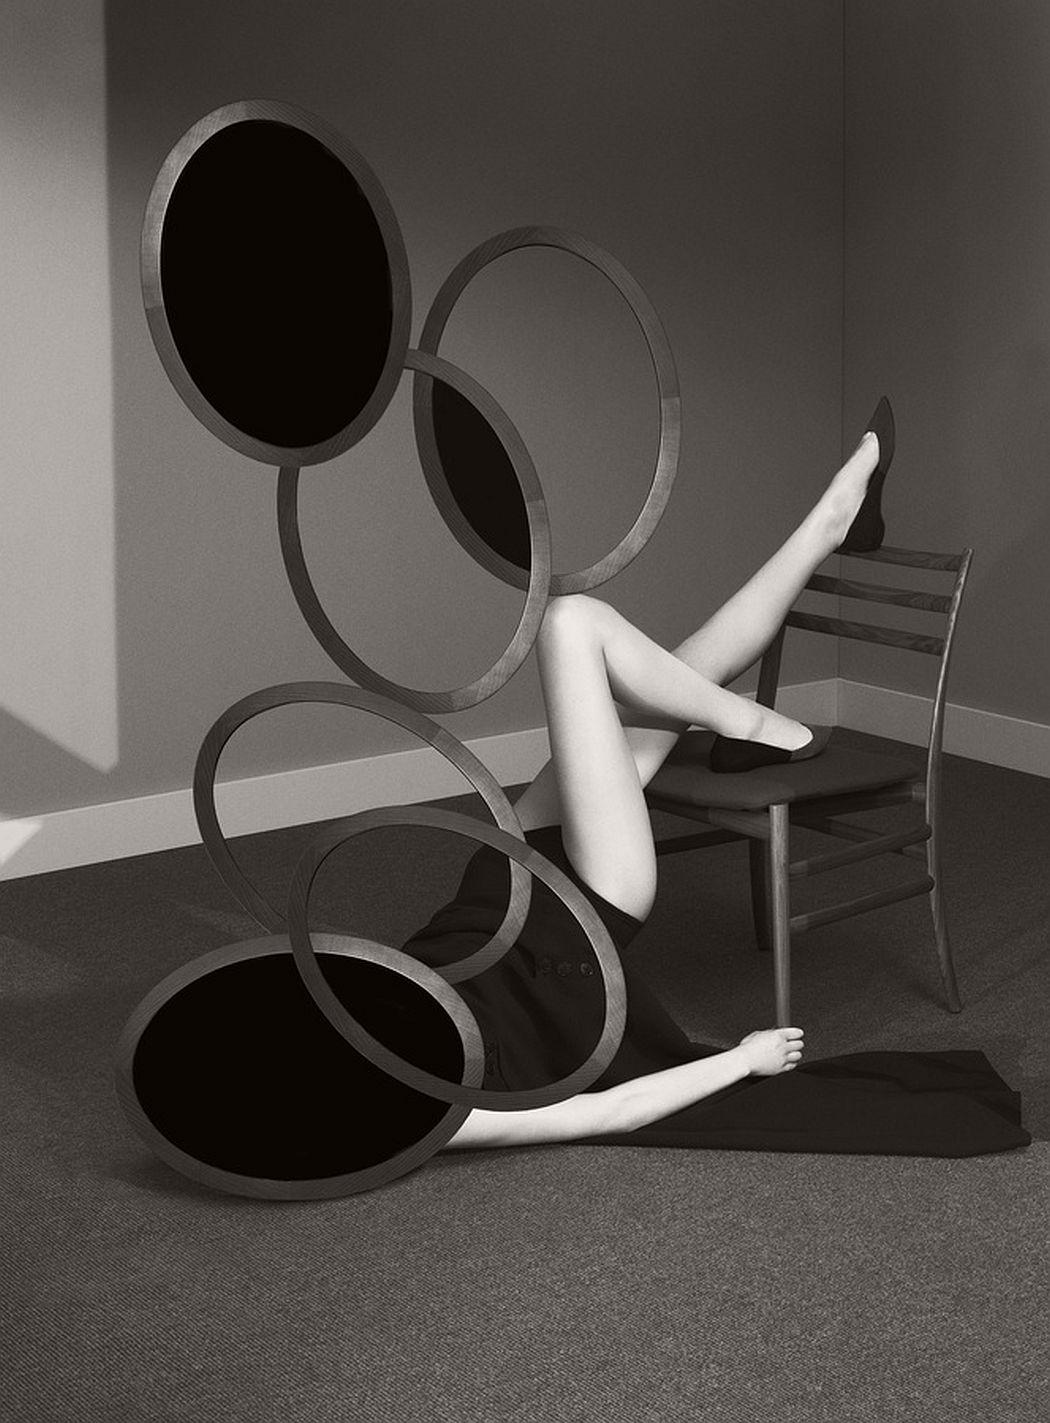 noe-sendas-biography-conceptual-photographer-09